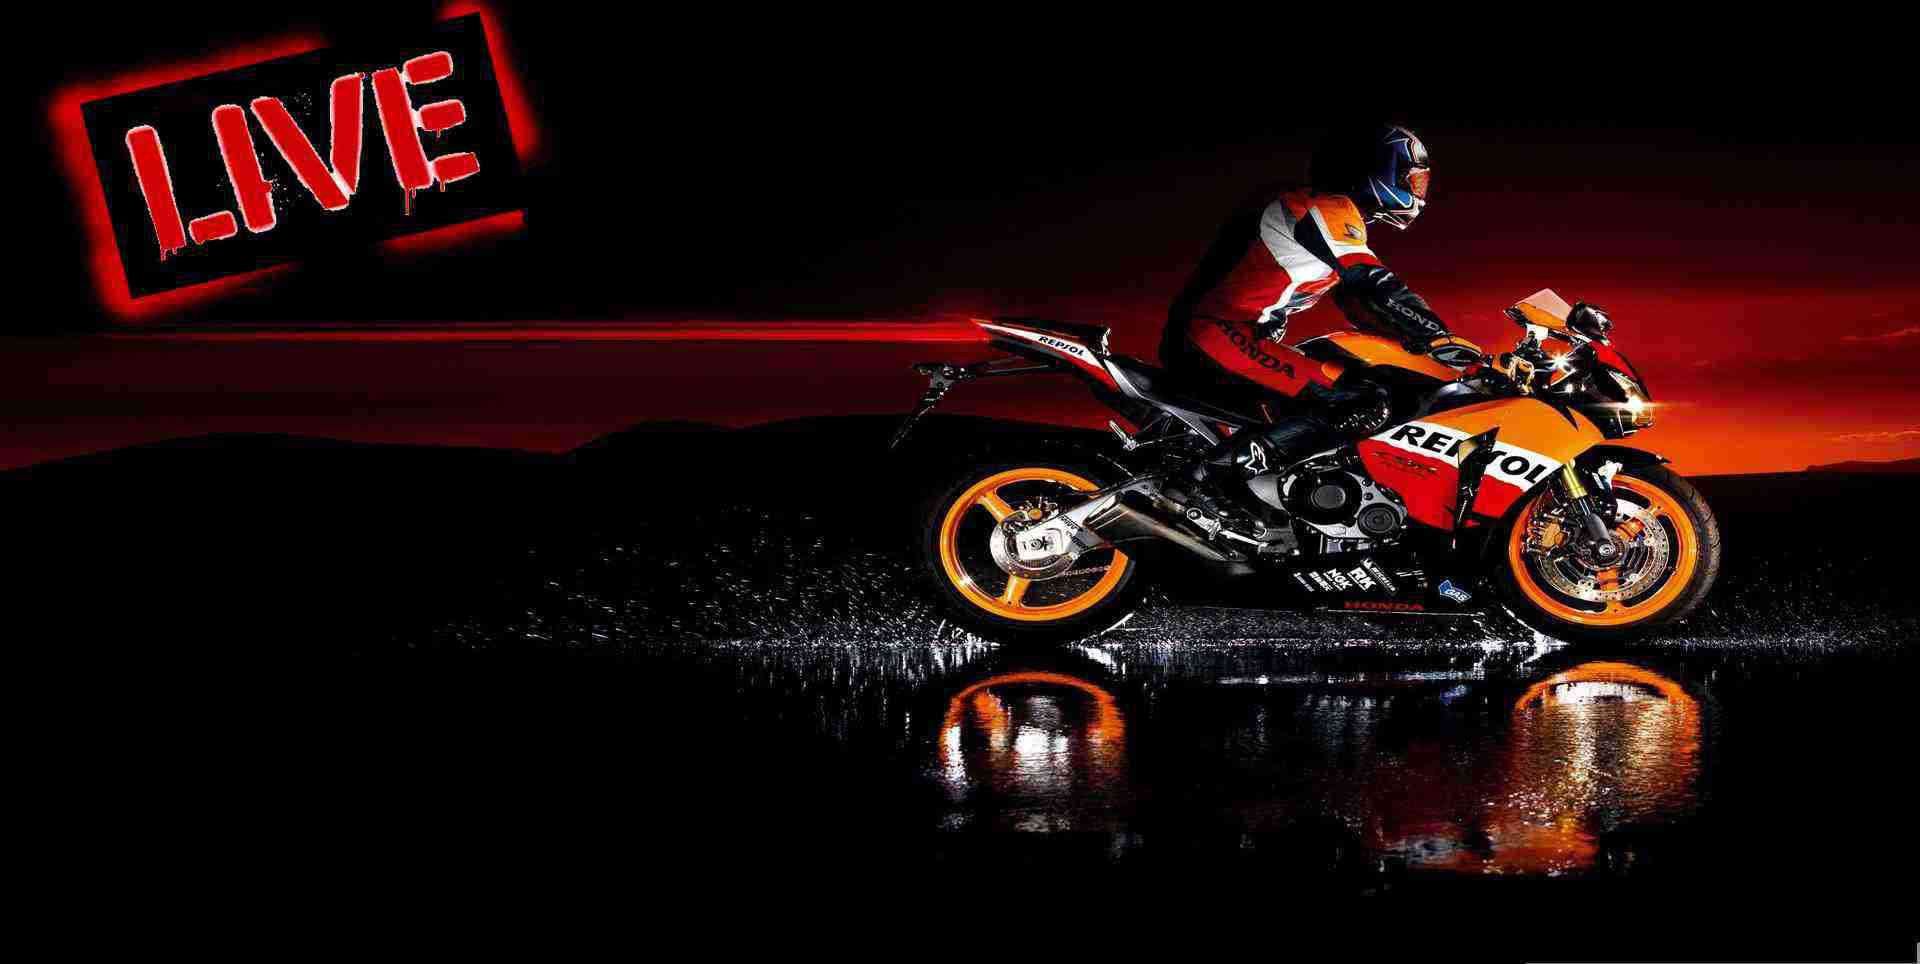 Watch Grand Prix of Qatar 2015 Online